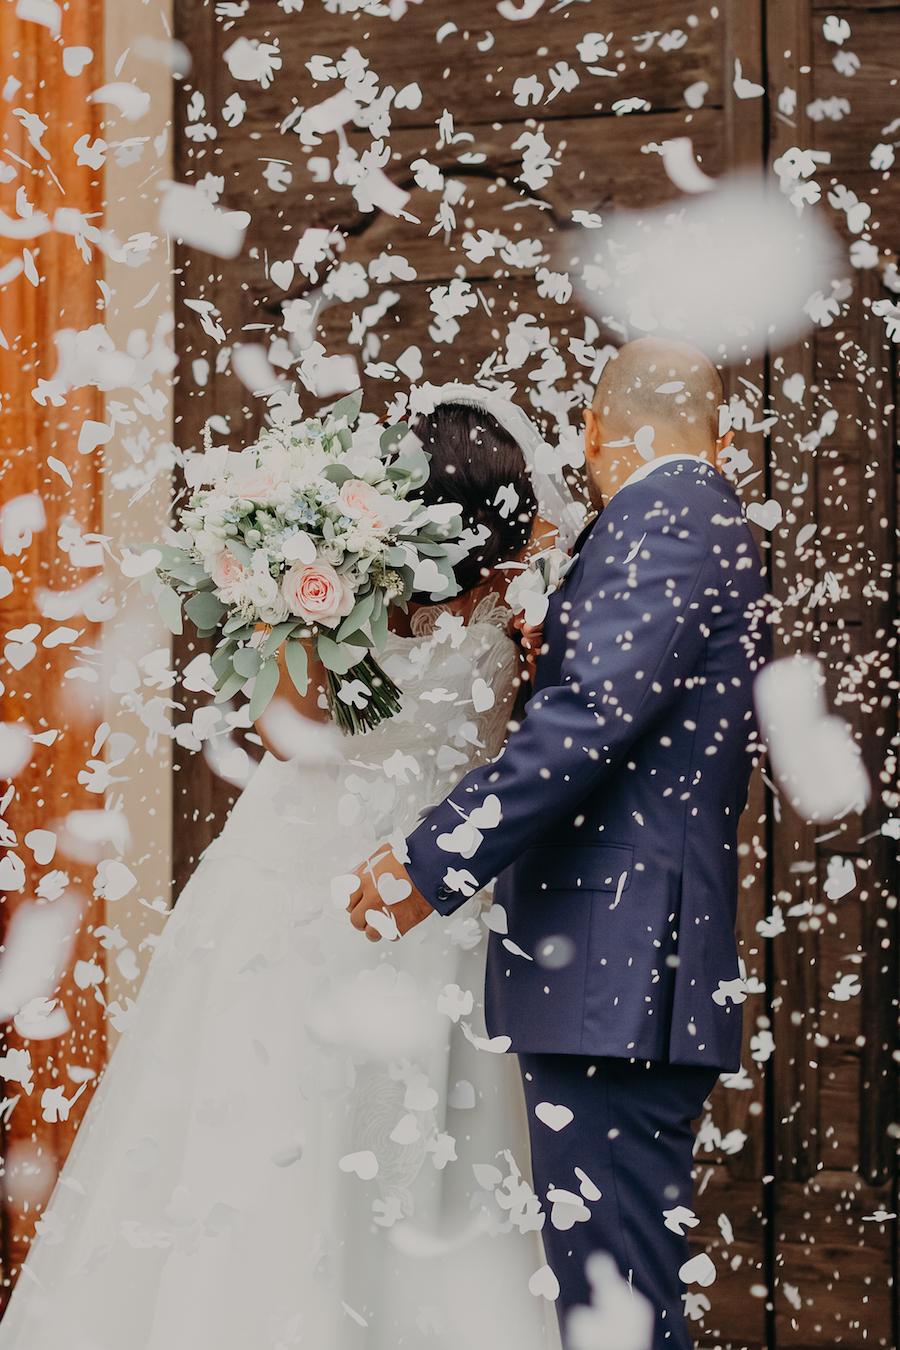 matrimonio country fatto a mano